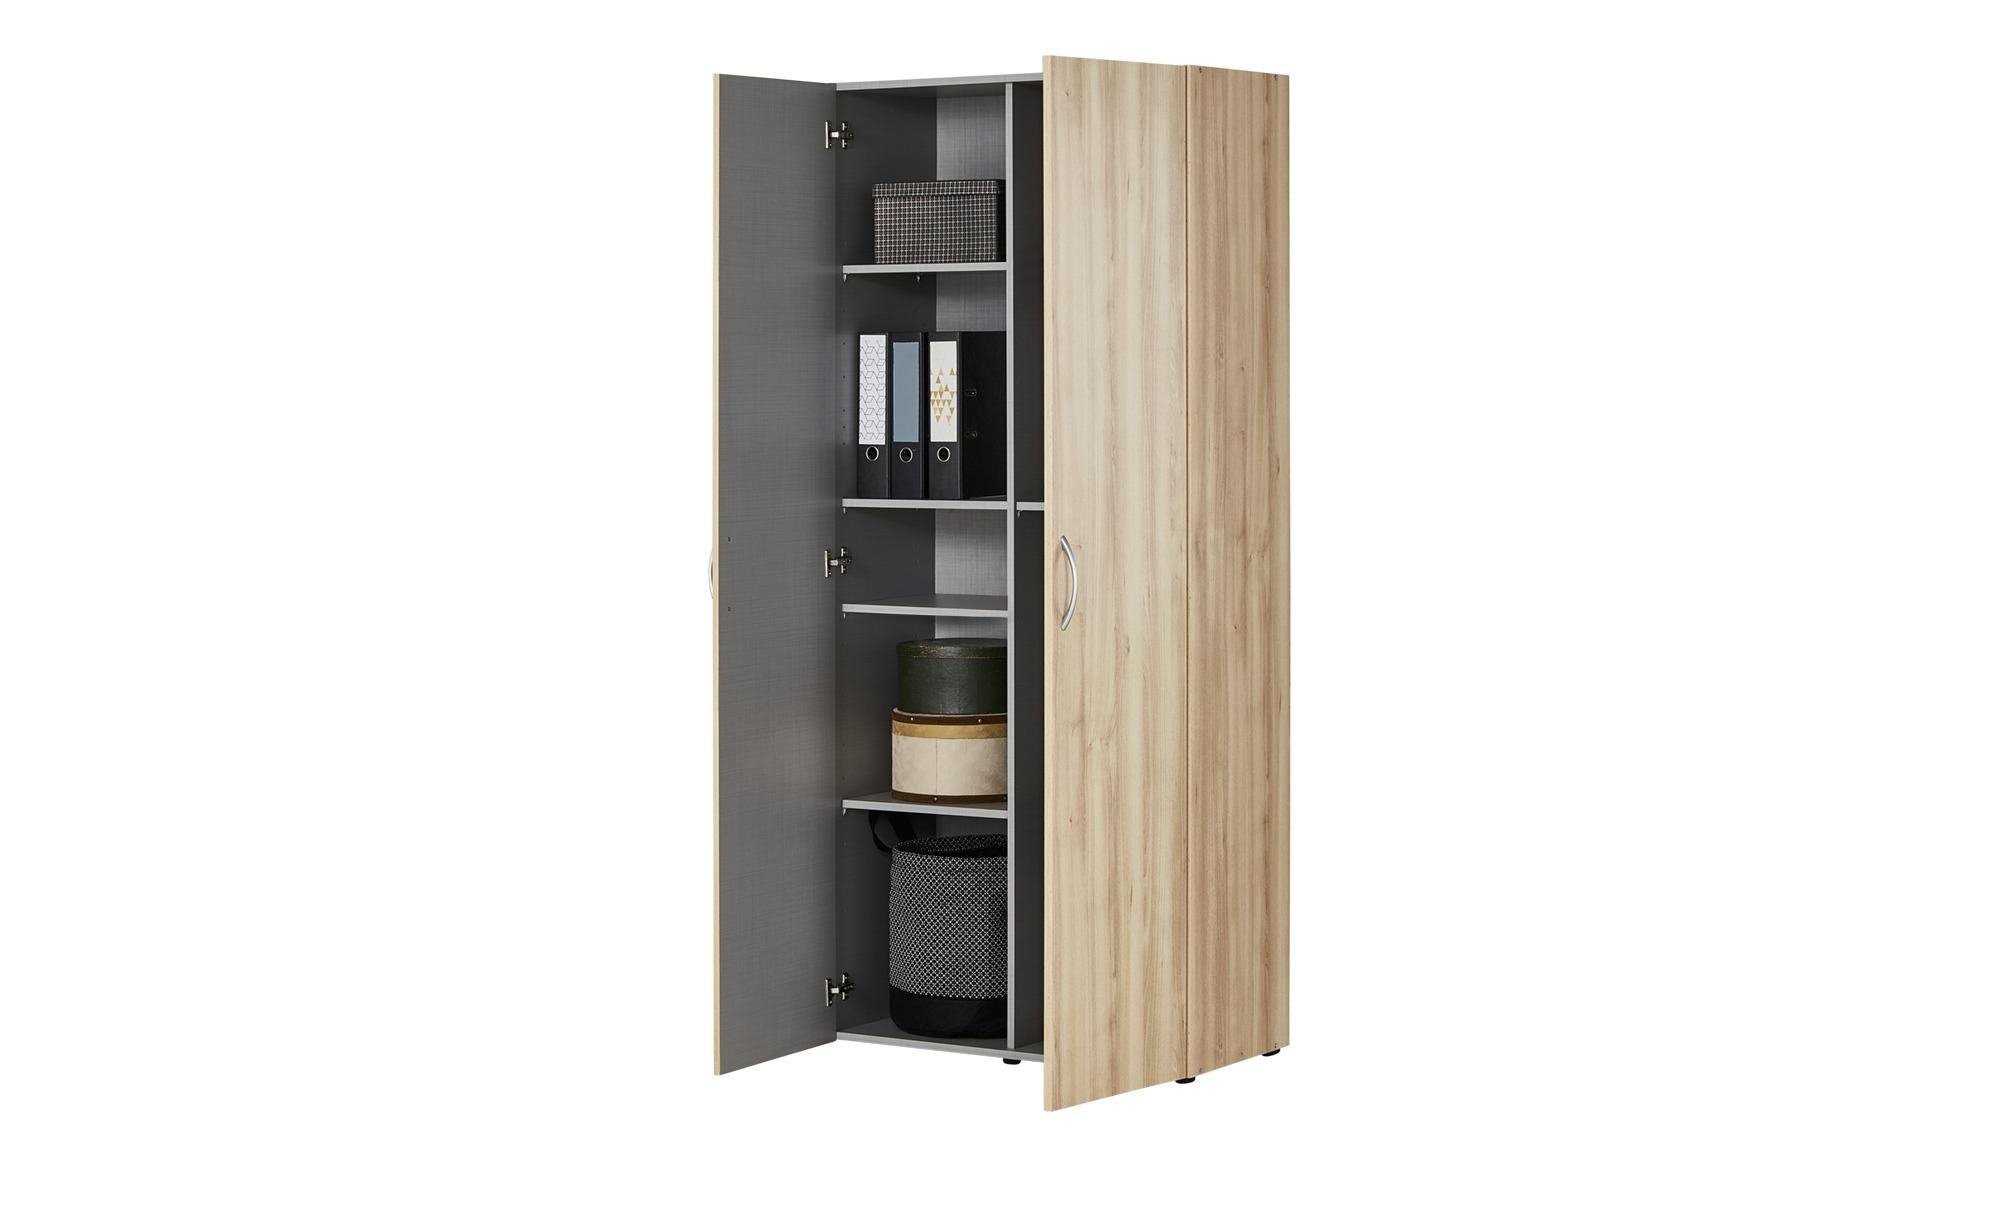 schrank 2 t rig multiraumkonzept buche nachbildung. Black Bedroom Furniture Sets. Home Design Ideas